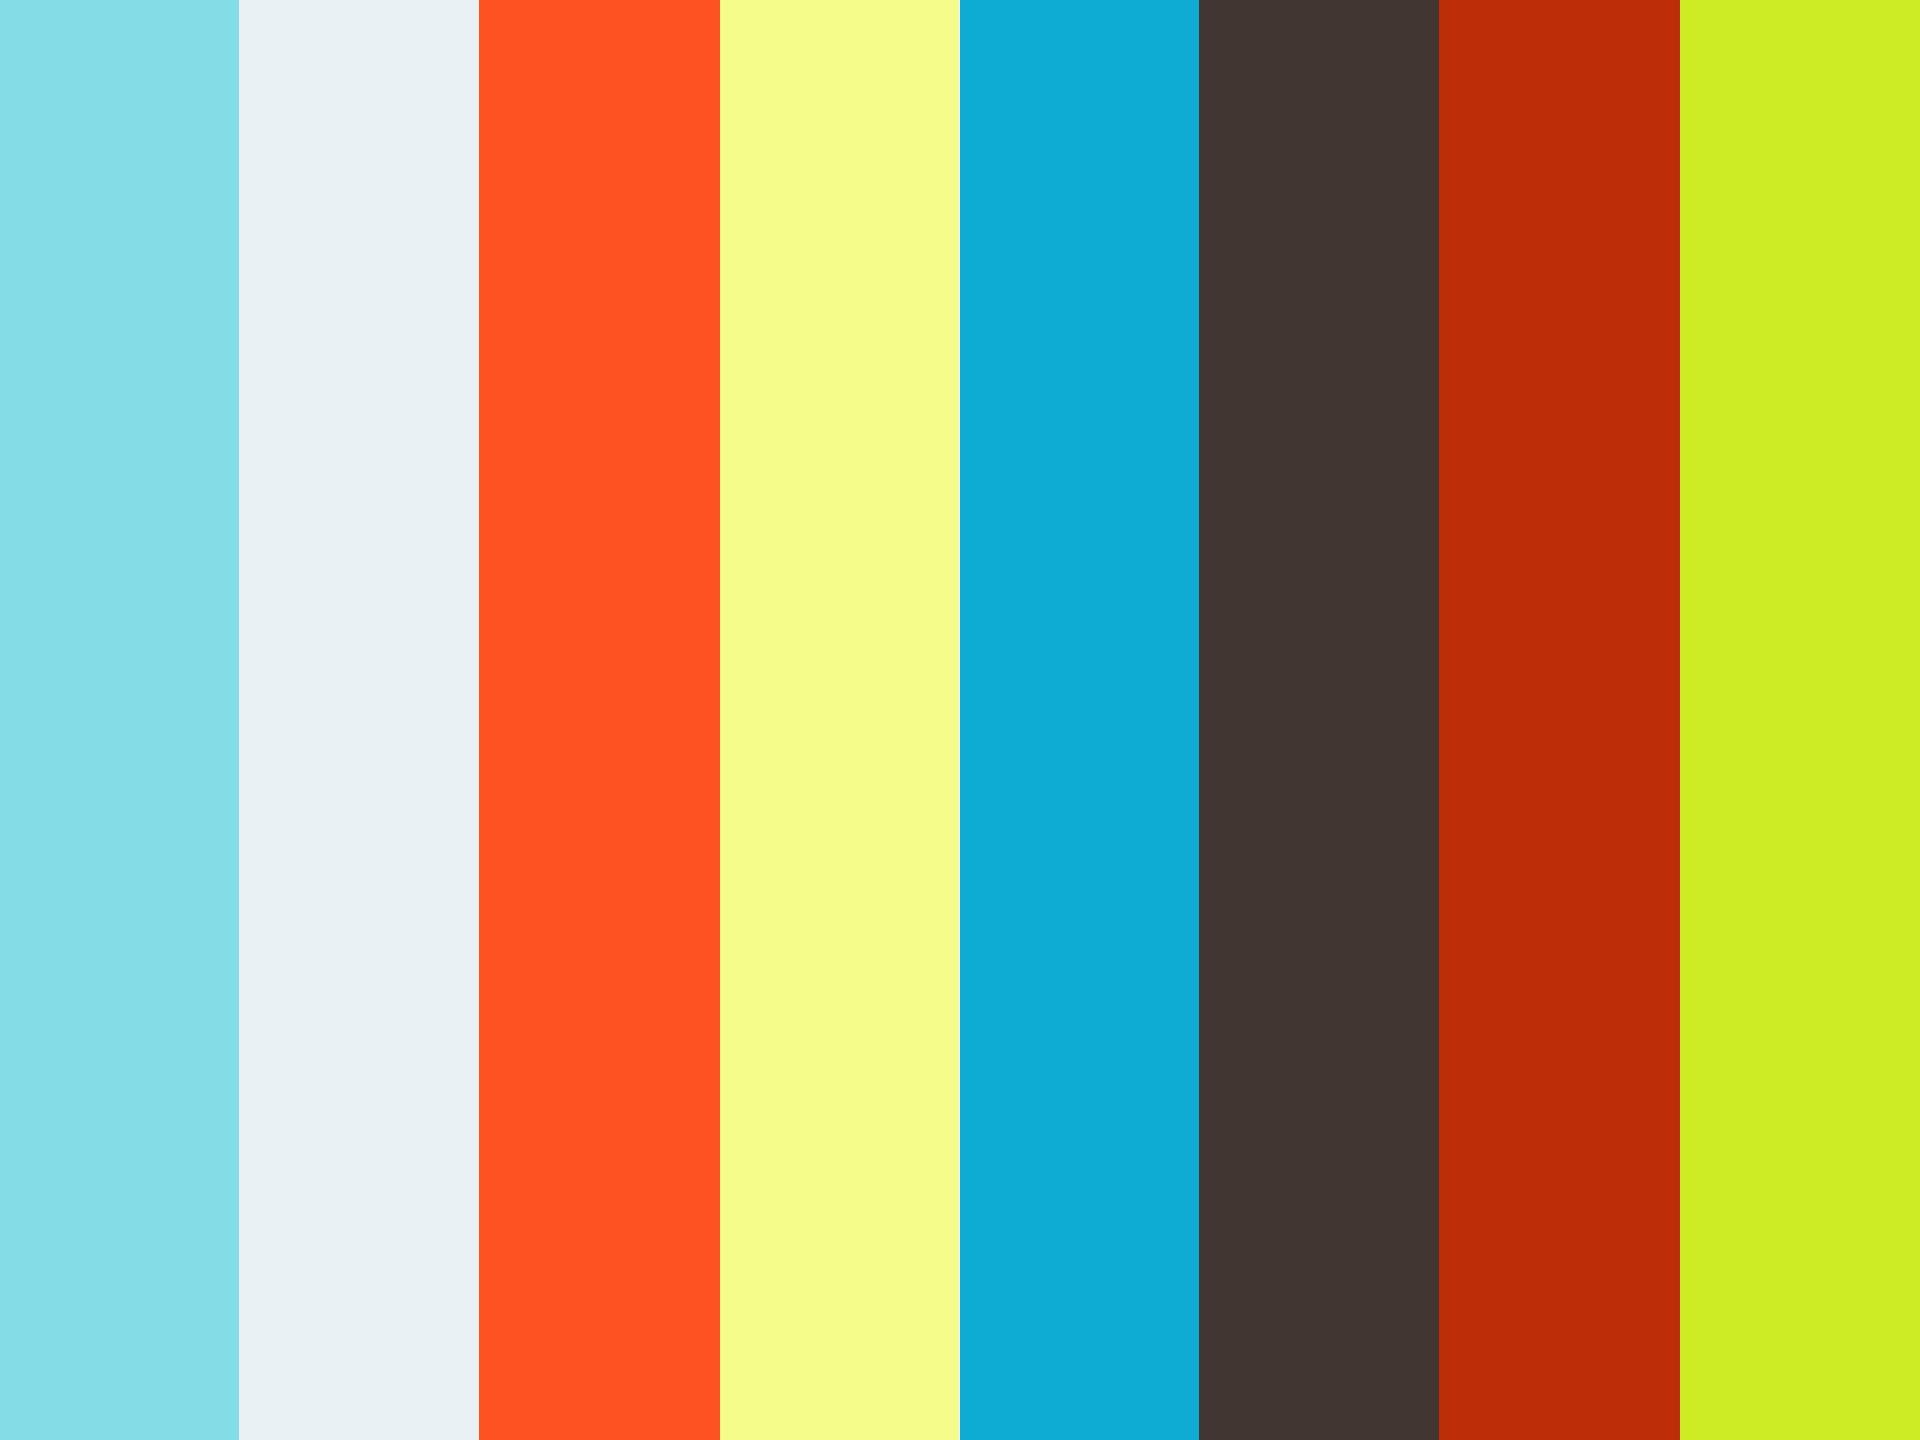 Μένω σπίτι και μαθαίνω | Δημοτική | Μαθηματικά - Α' τάξη (Αφαίρεση - Χάλασμα δεκάδας) 6/5/20 Επ. 23